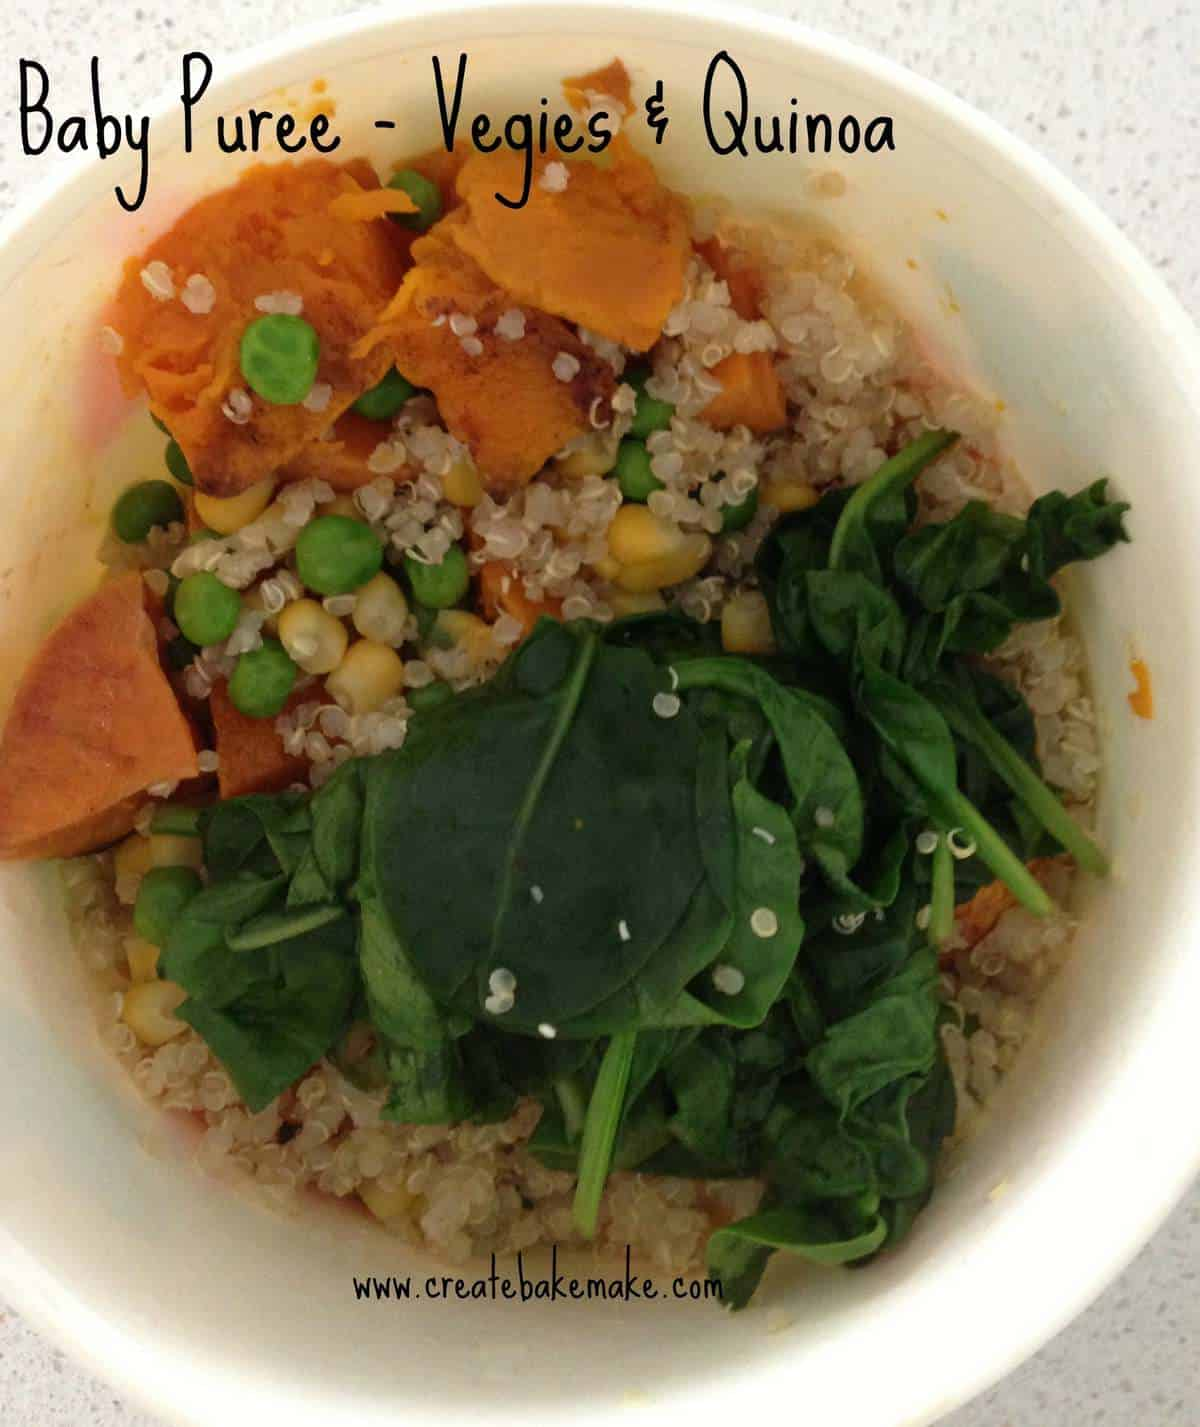 Baby Puree Vegies & Quinoa